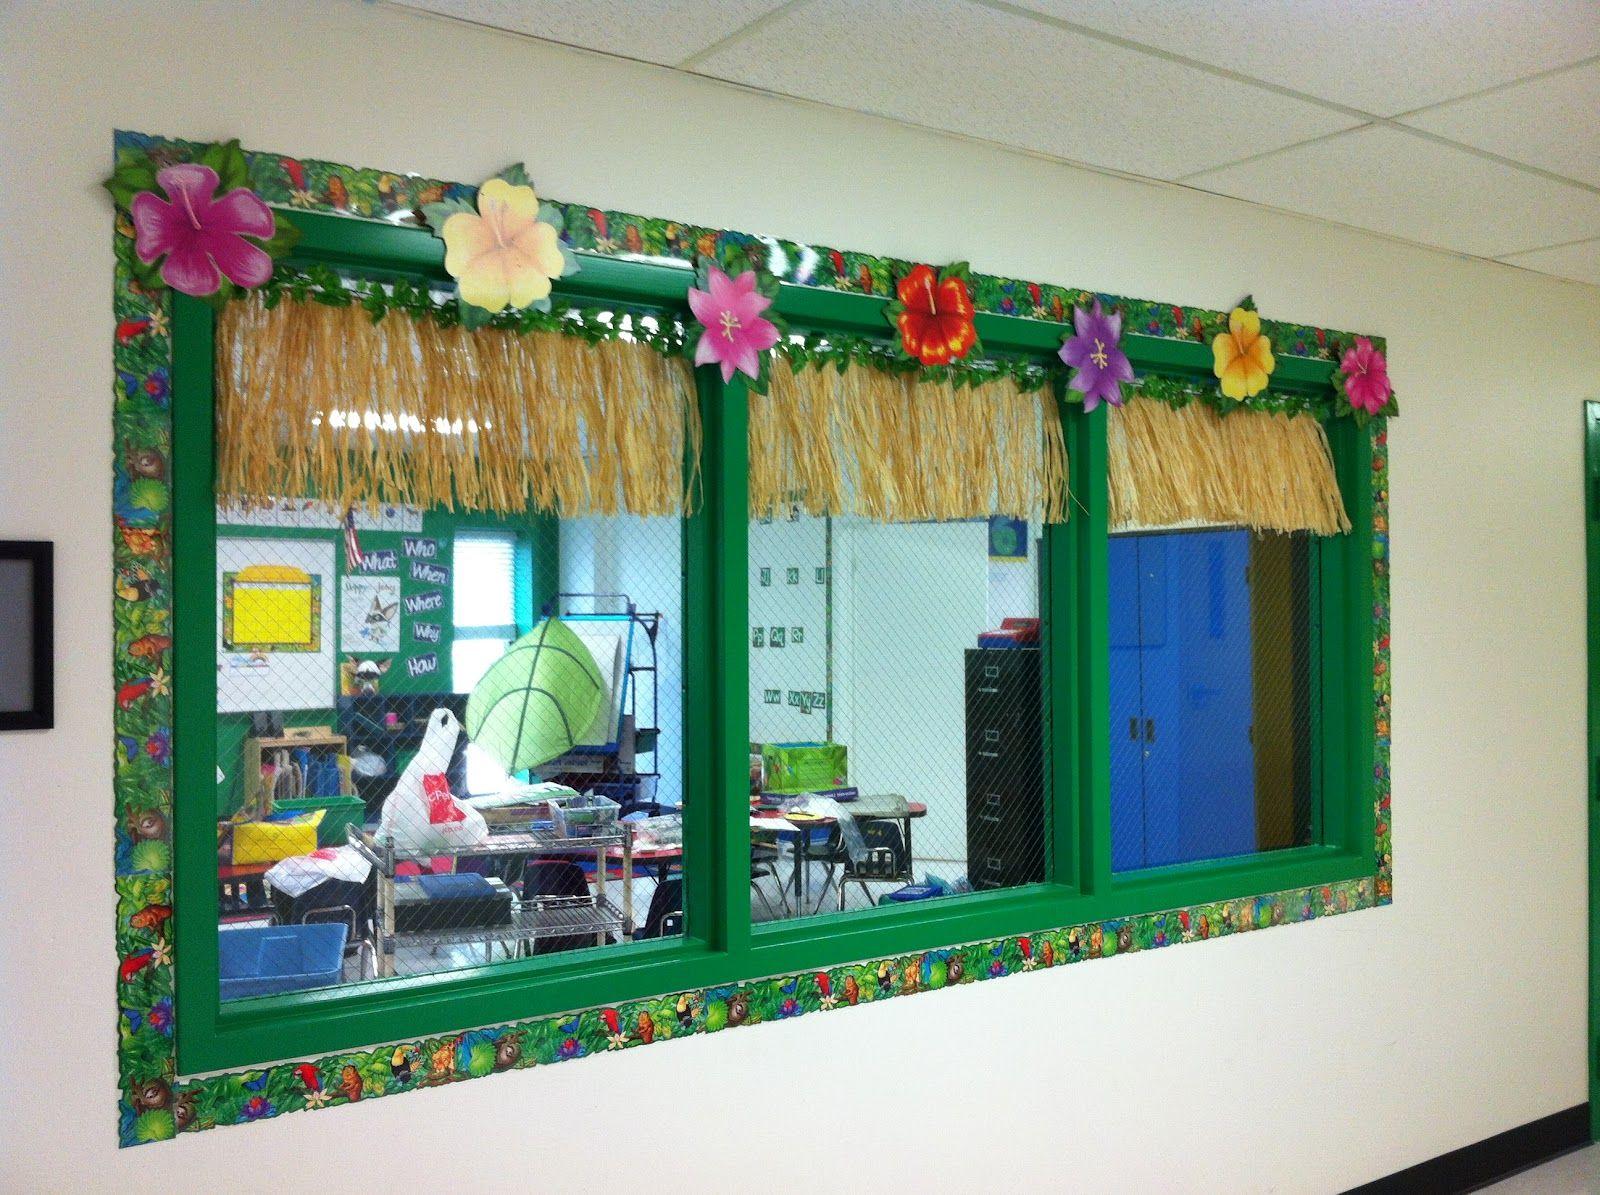 Classroom window - Decorated Hallway Window Looking Into The Classroom